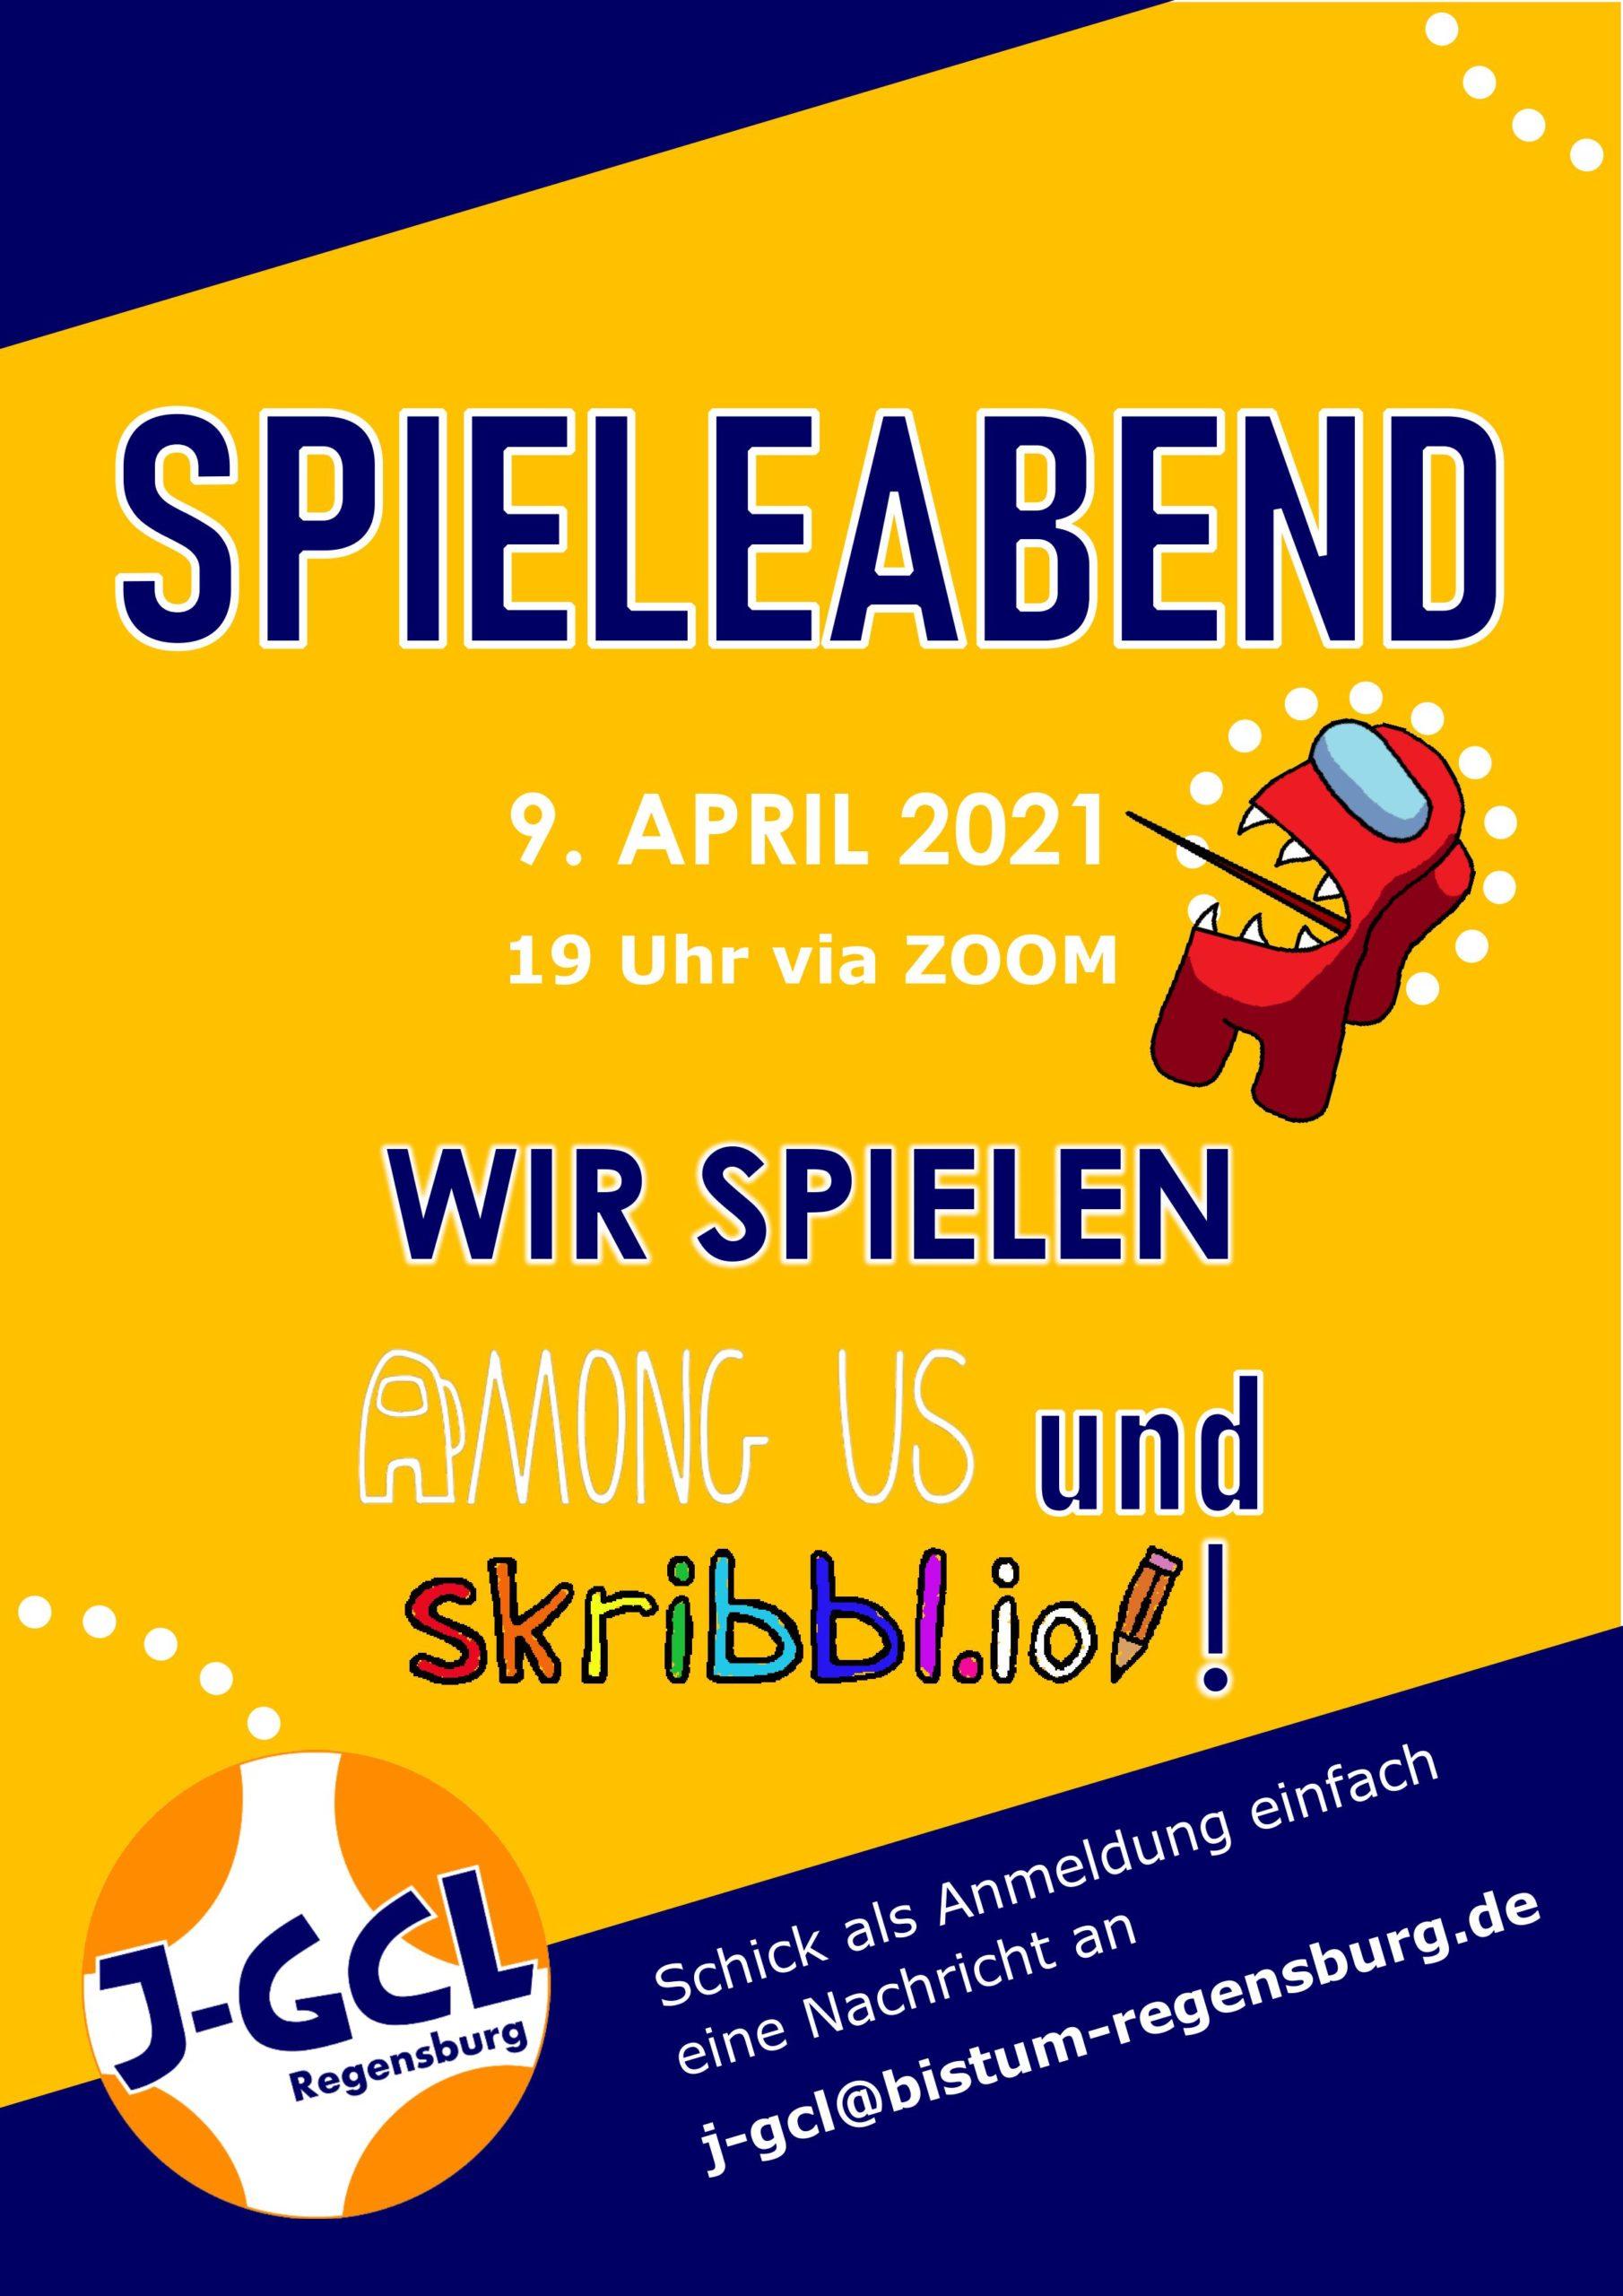 Einladung Spieleabend 9. April